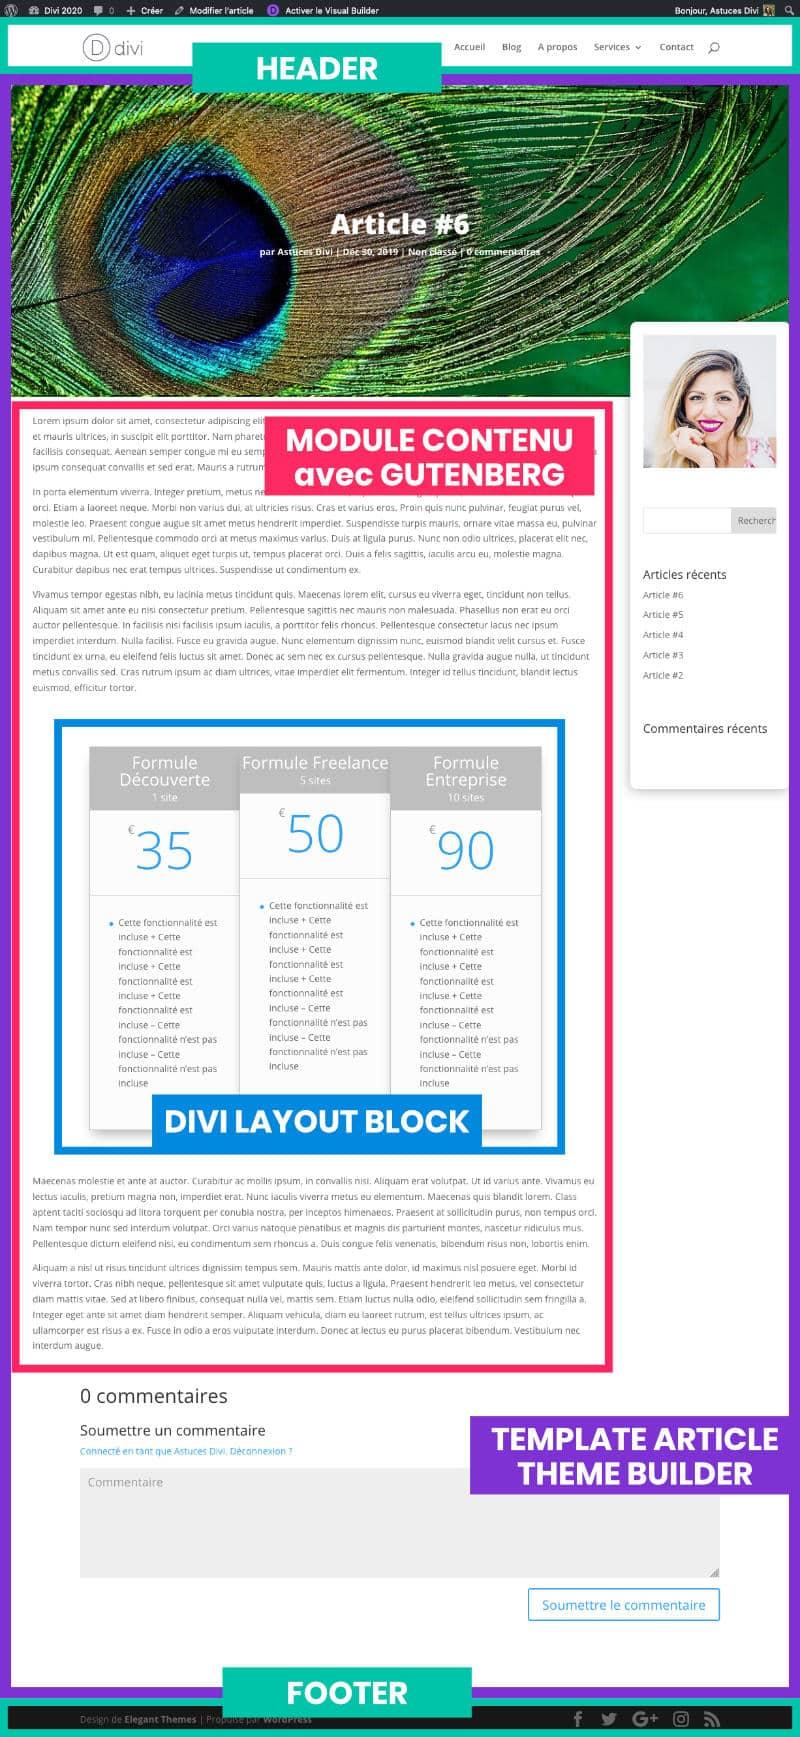 Mise en page faite avec Gutenberg et Divi Layout Block